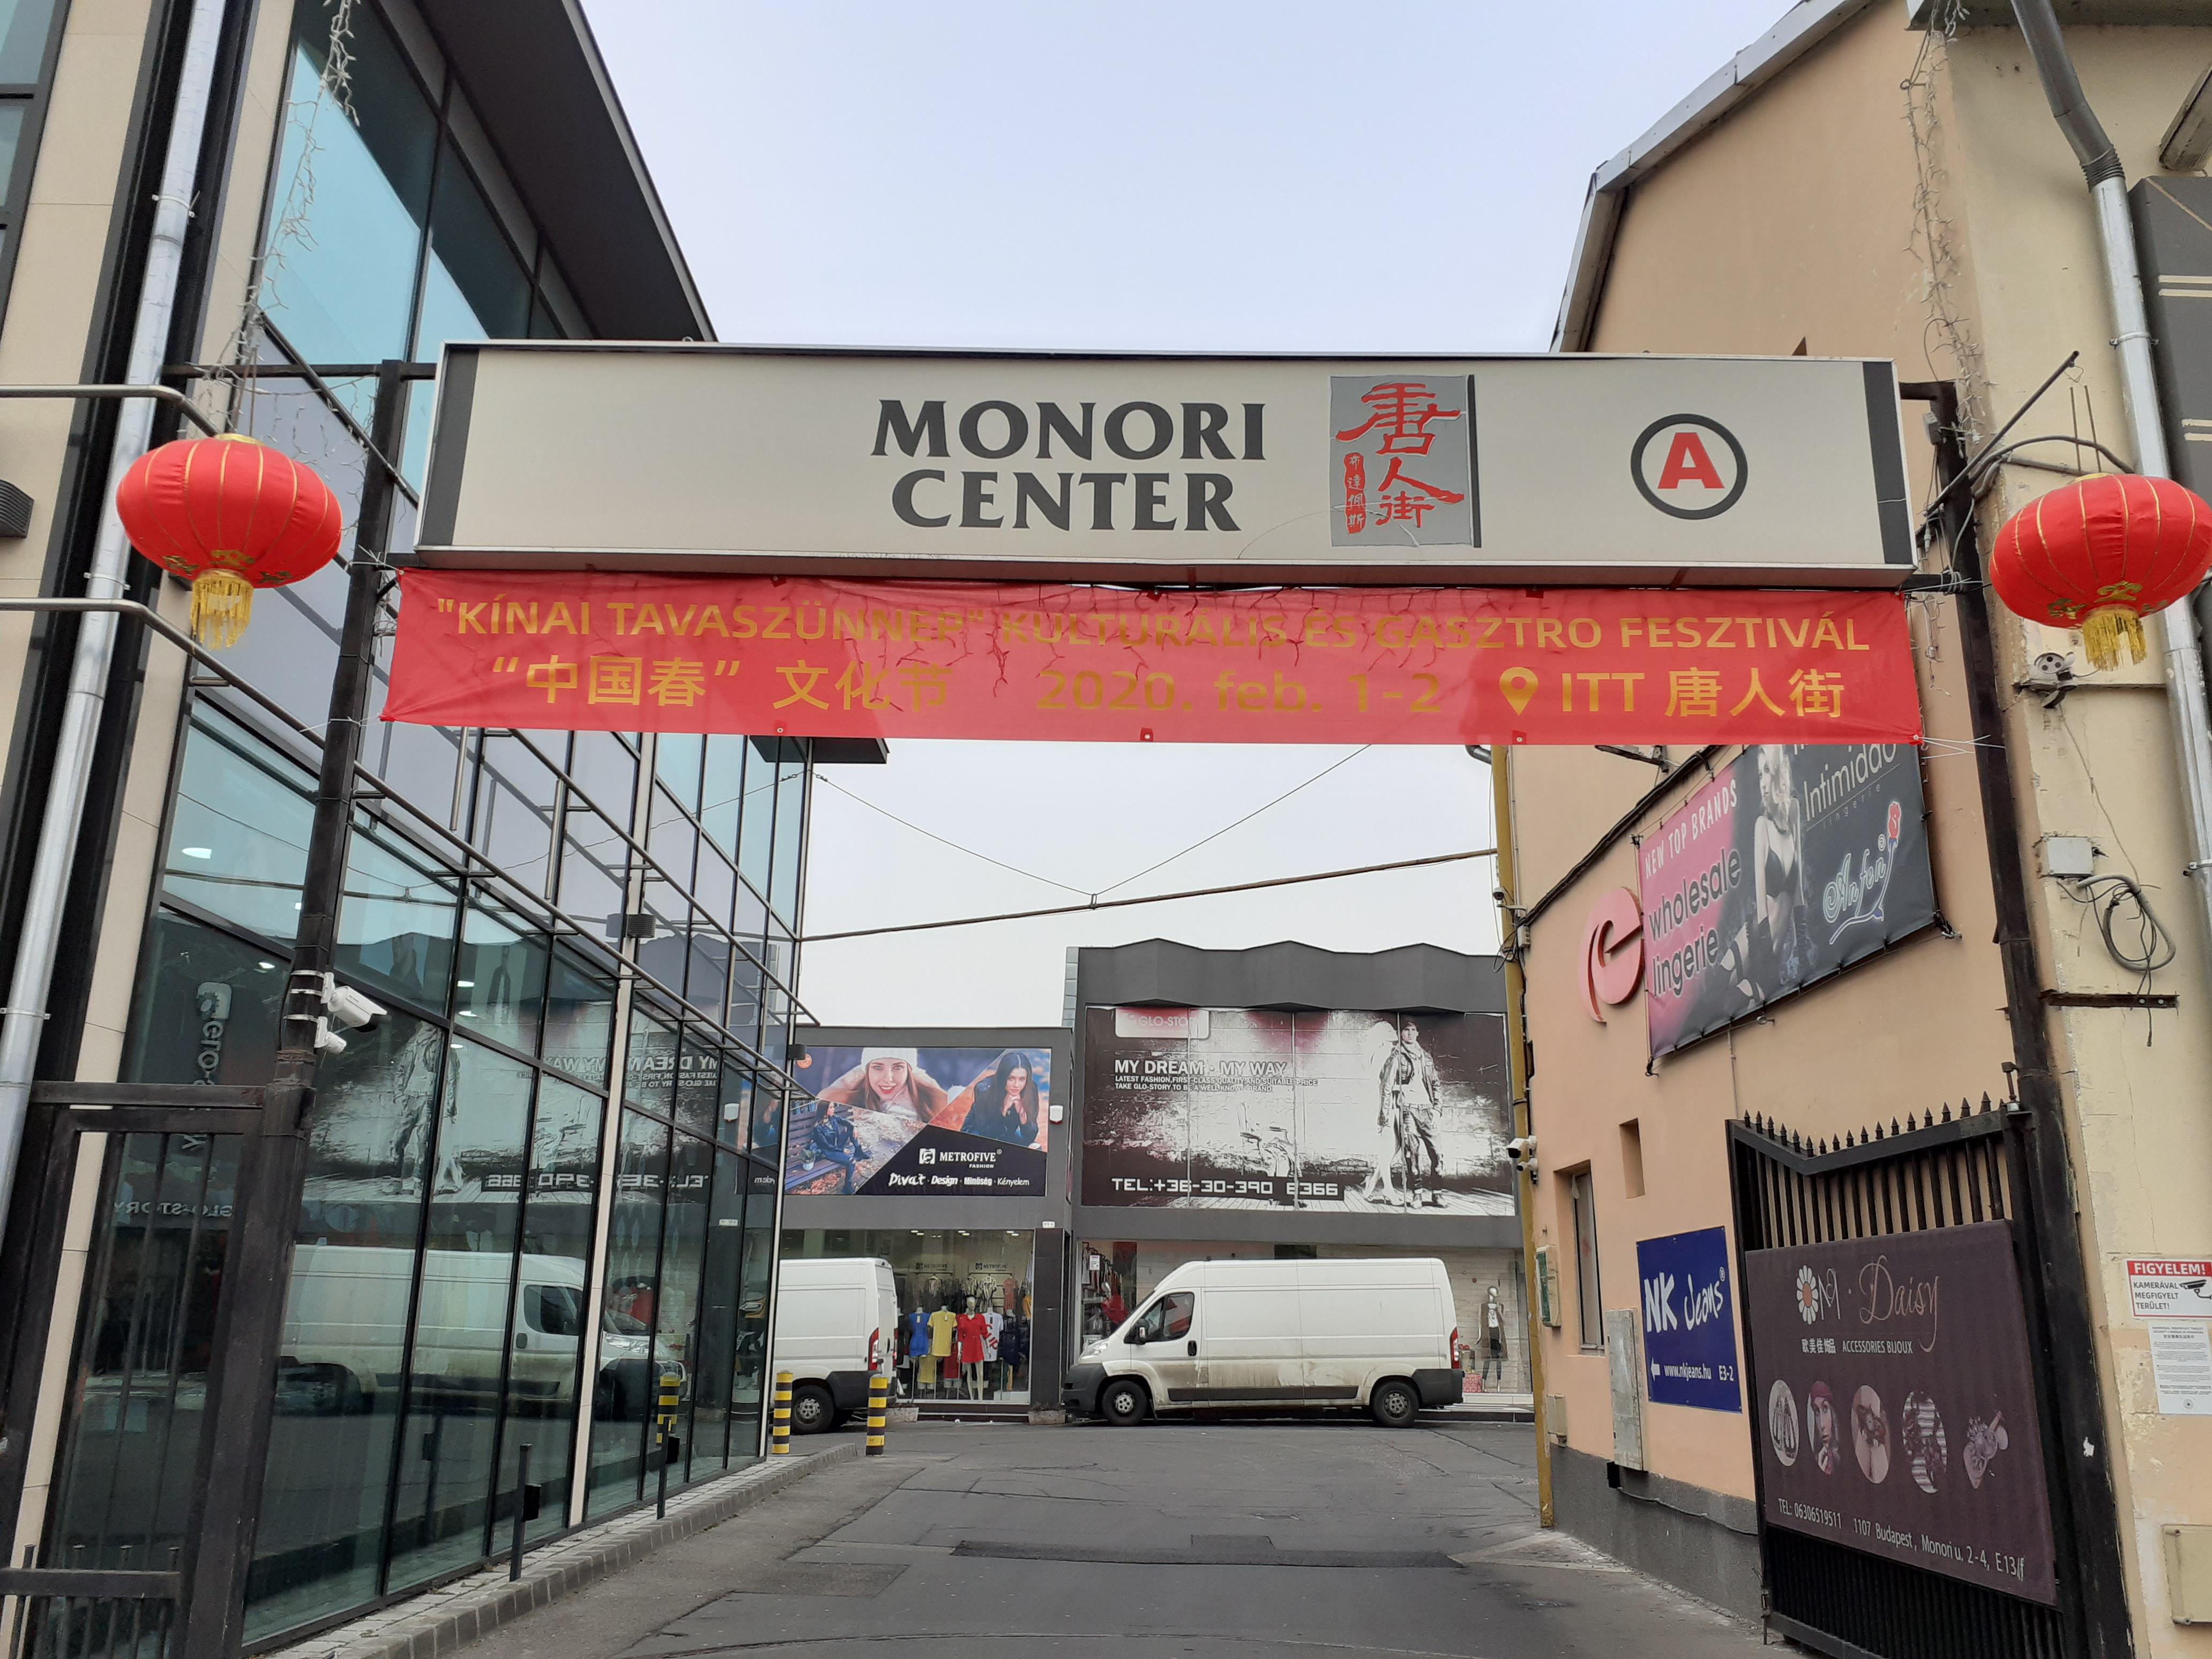 Monori center,első udvar bejárat